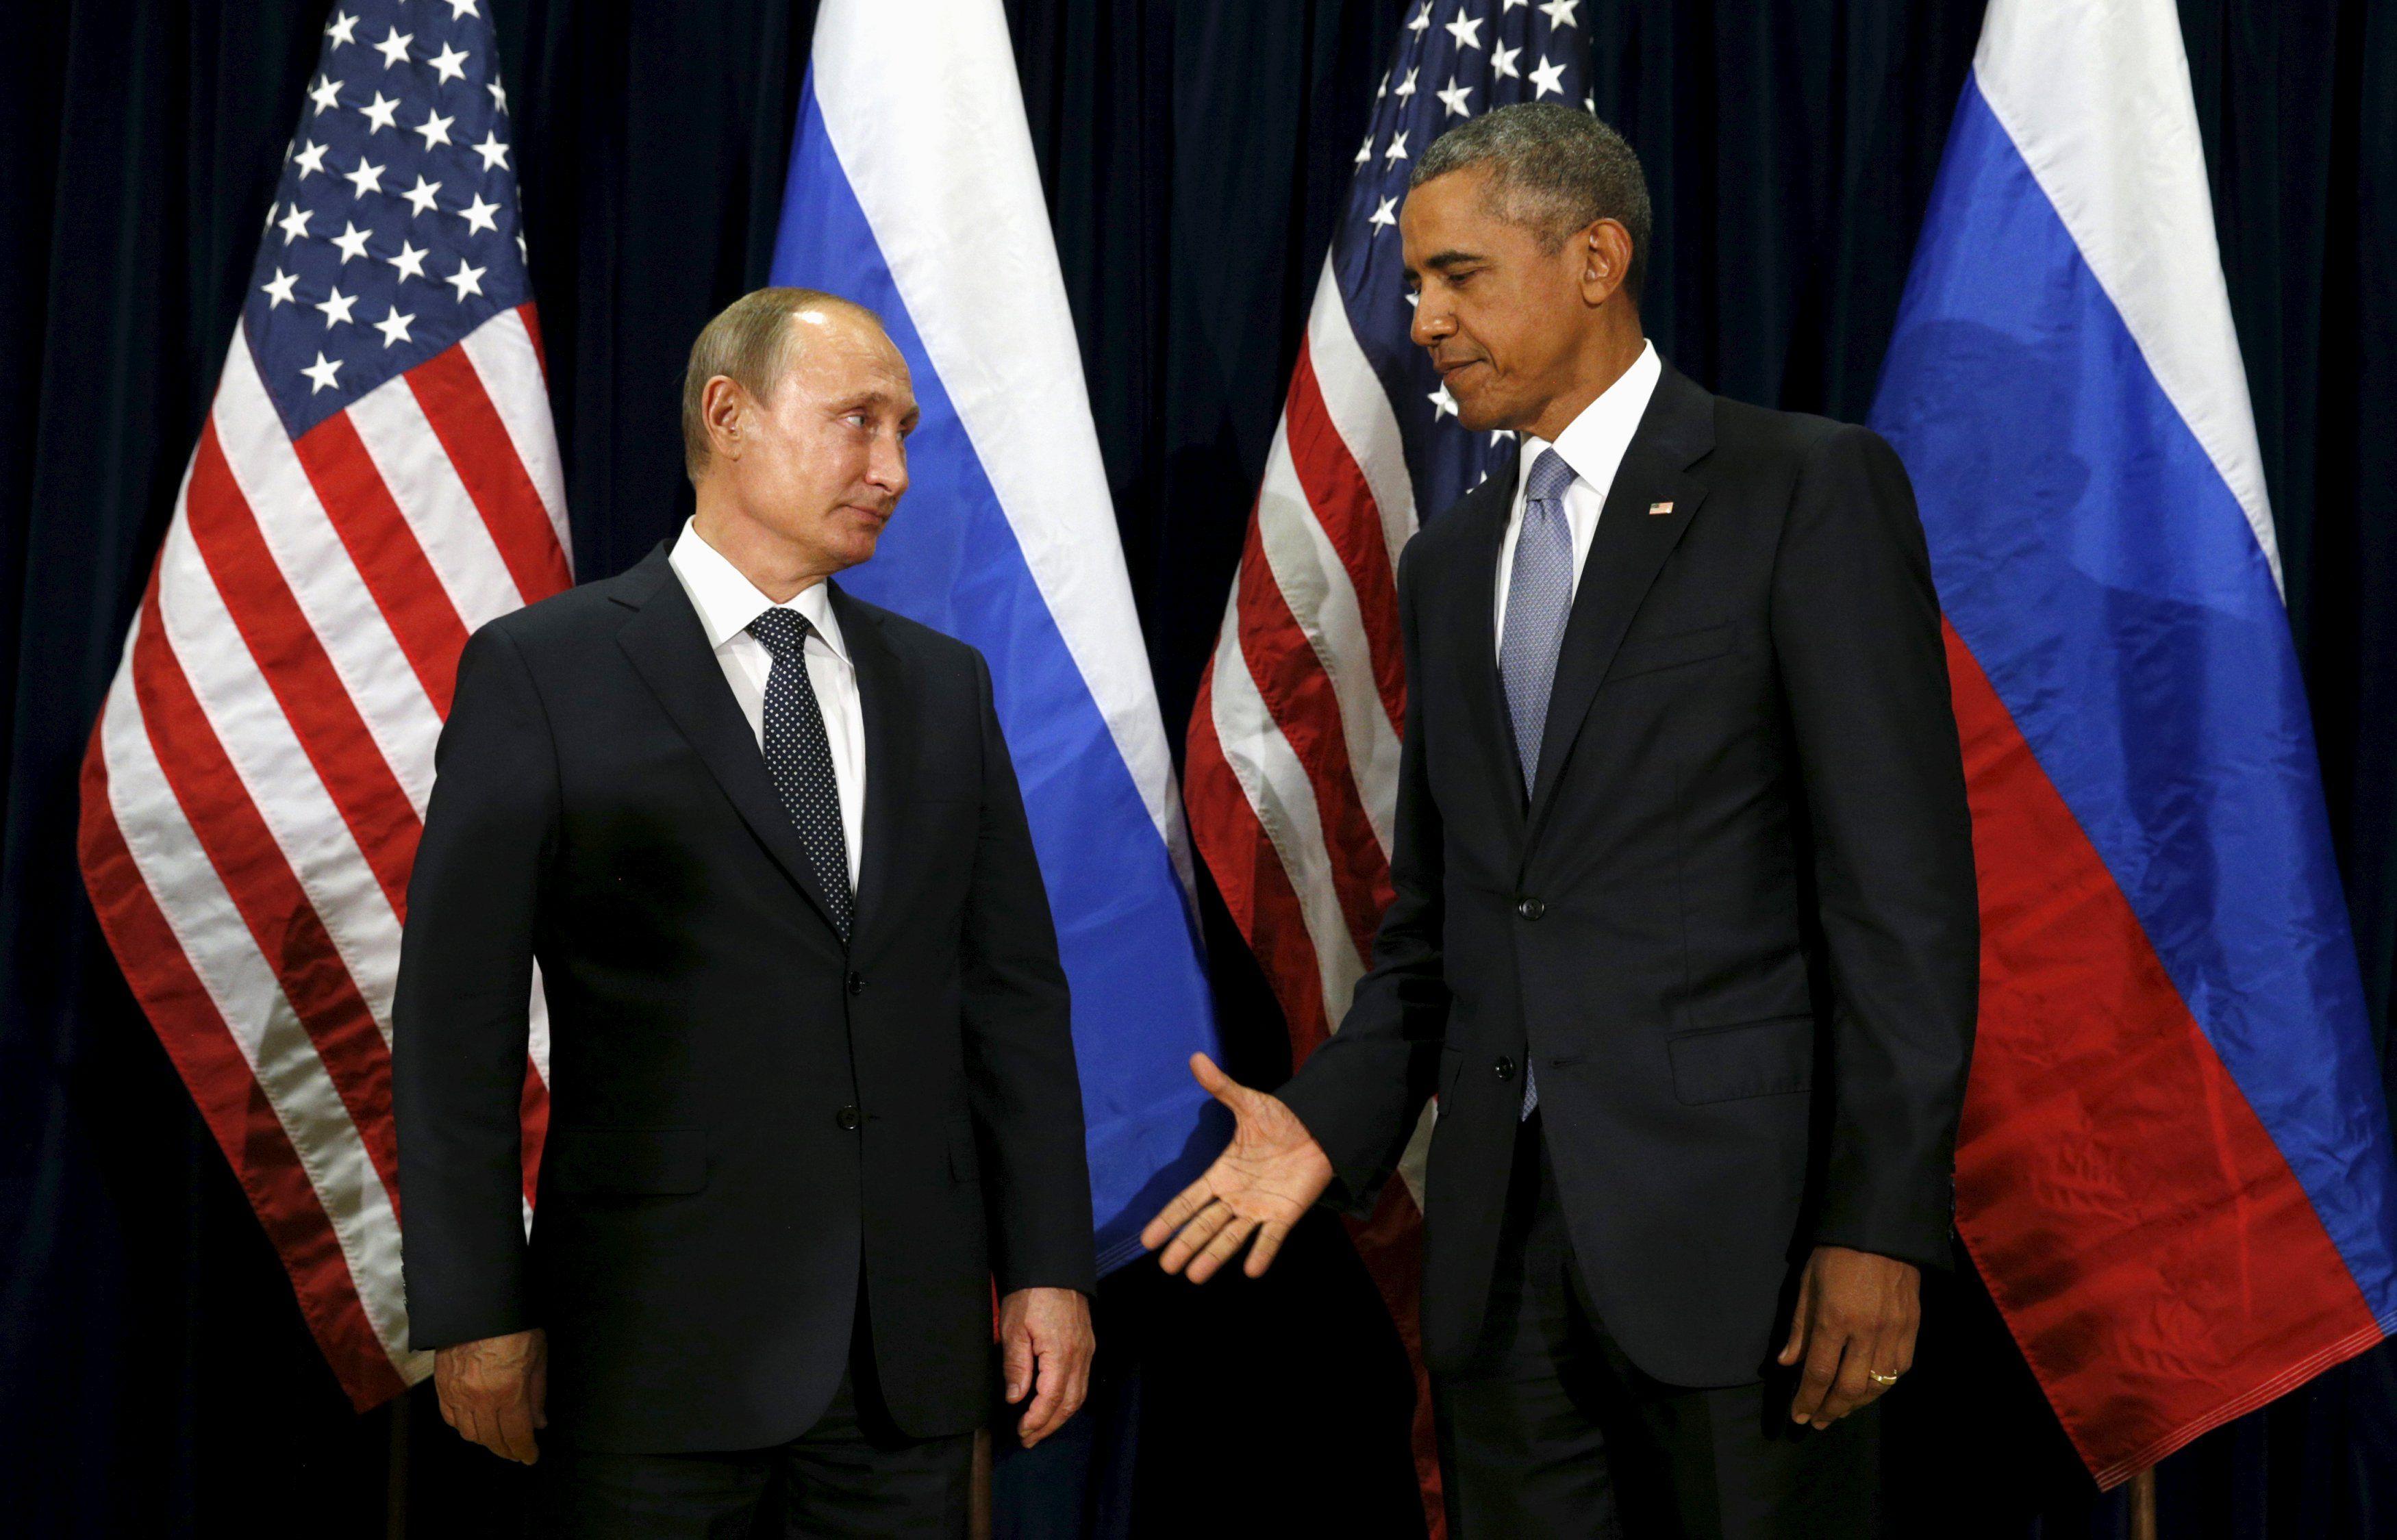 Политтехнолог сообщил, что Владимир Путин начал проявлять агрессивность в мире из-за того, что хотел соответствовать Бараку Обаме